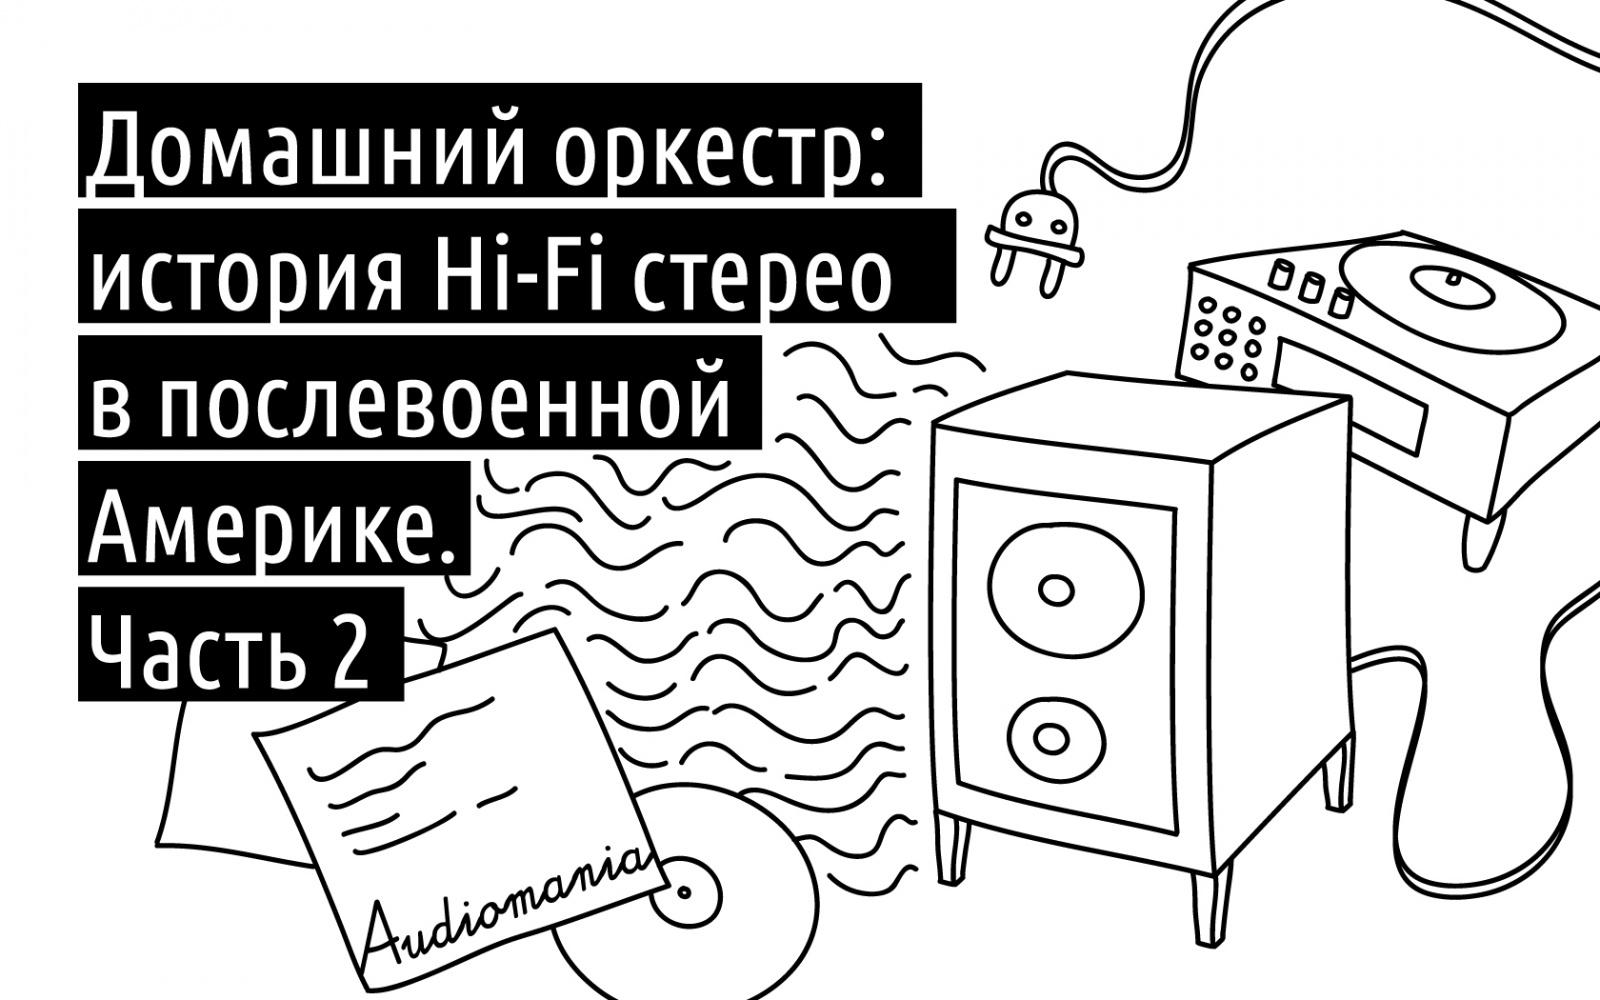 Домашний оркестр: история Hi-Fi стерео в послевоенной Америке. Часть 2 - 1